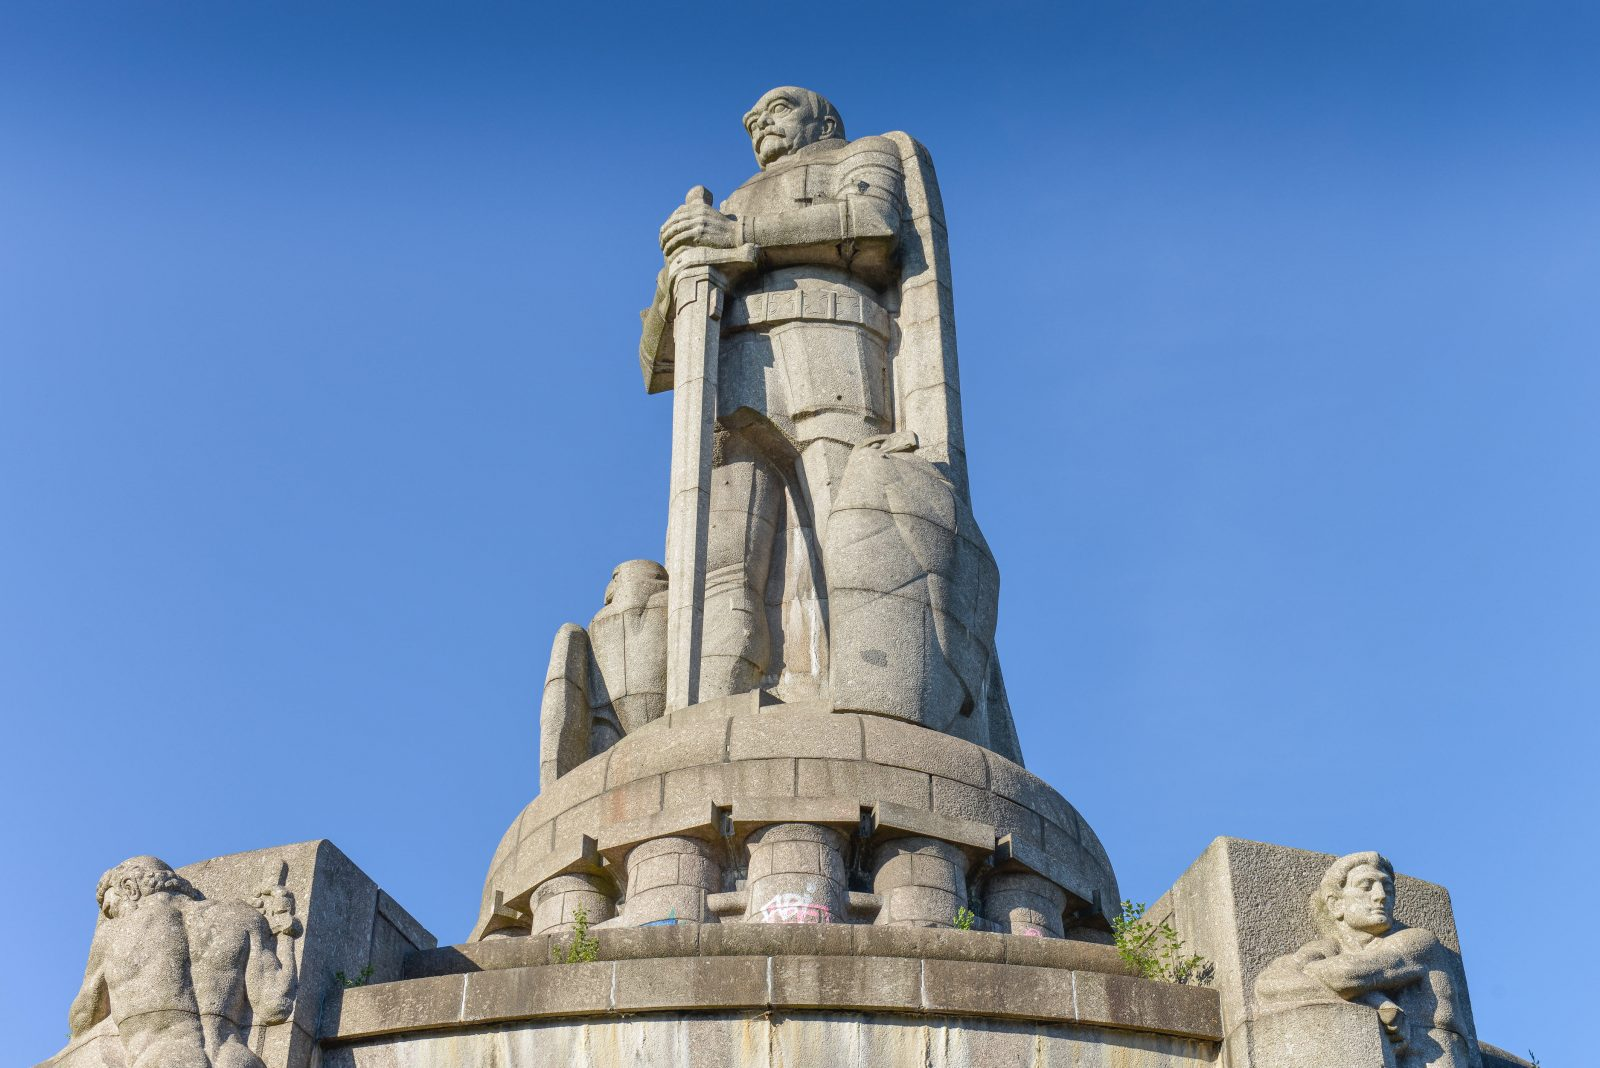 Das Bismarckdenkmal in Hamburg gerät in die Kritik Foto: picture alliance/Bildagentur-online